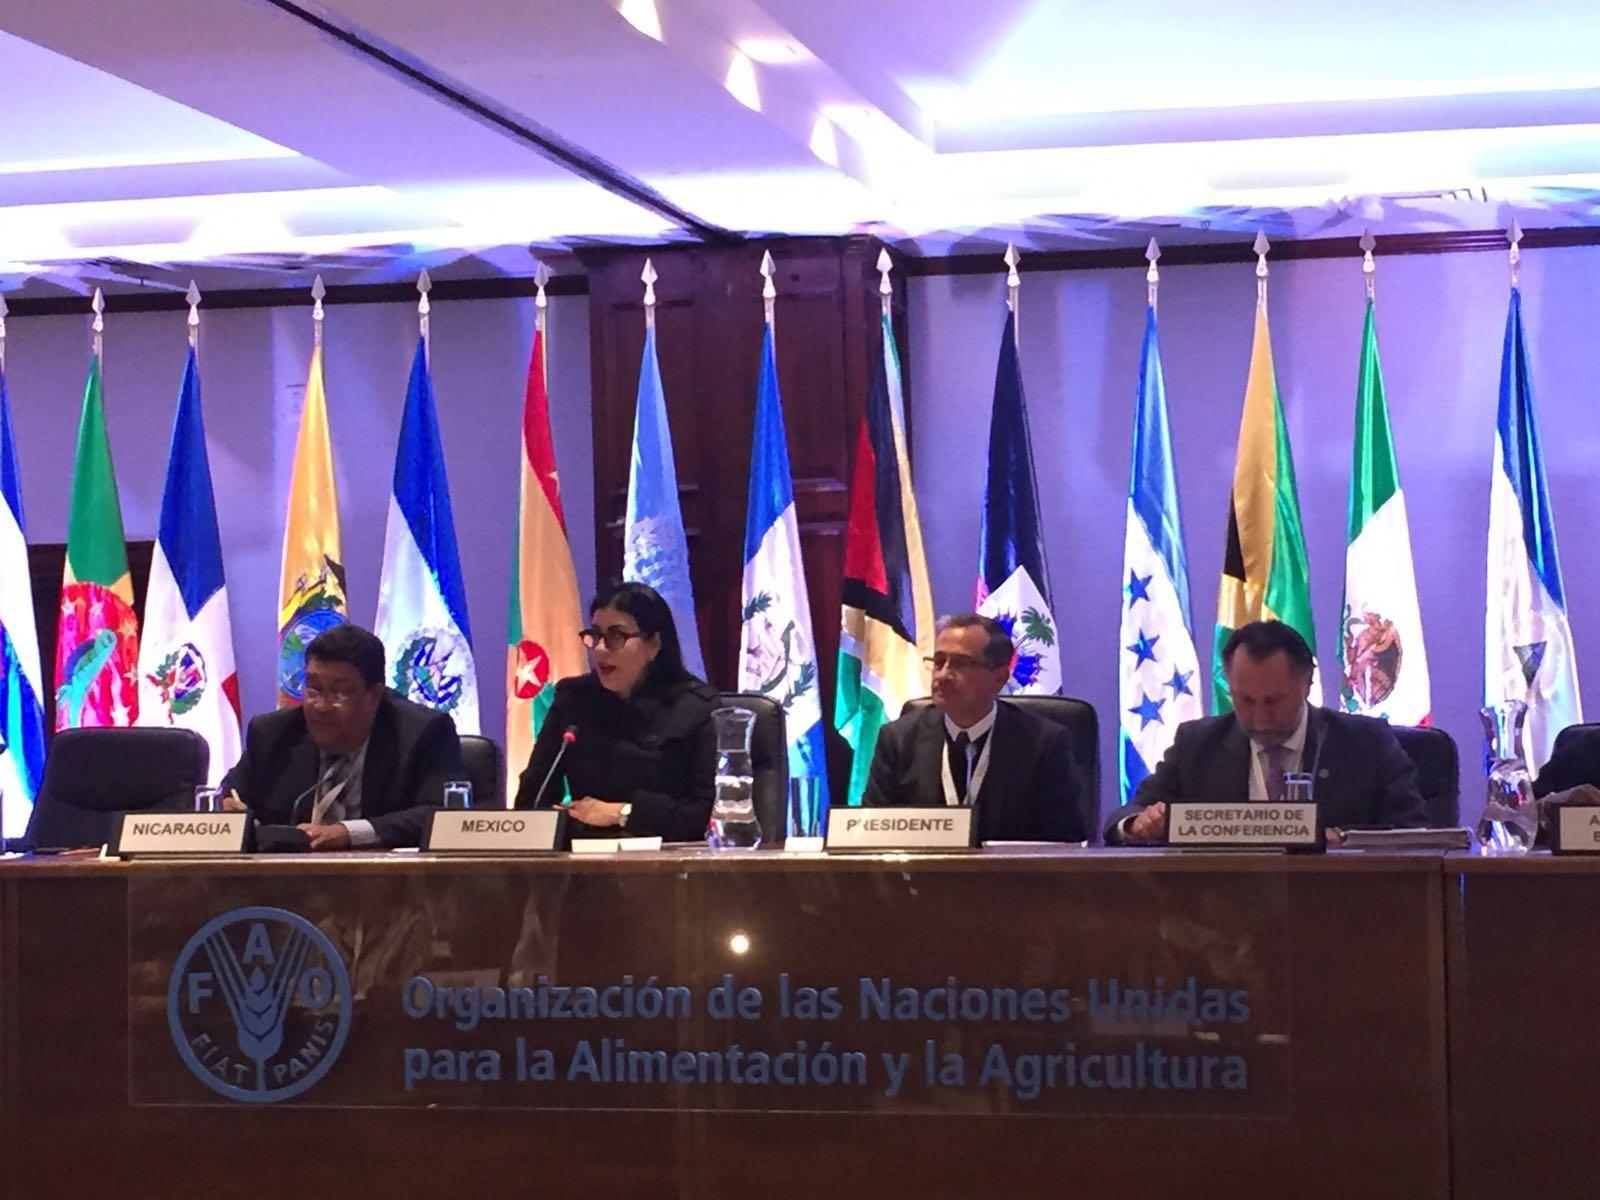 La subseceretaria Vanessa Rubio participó en la 34° edición del Periodo de Sesiones de la Conferencia Regional de la FAO